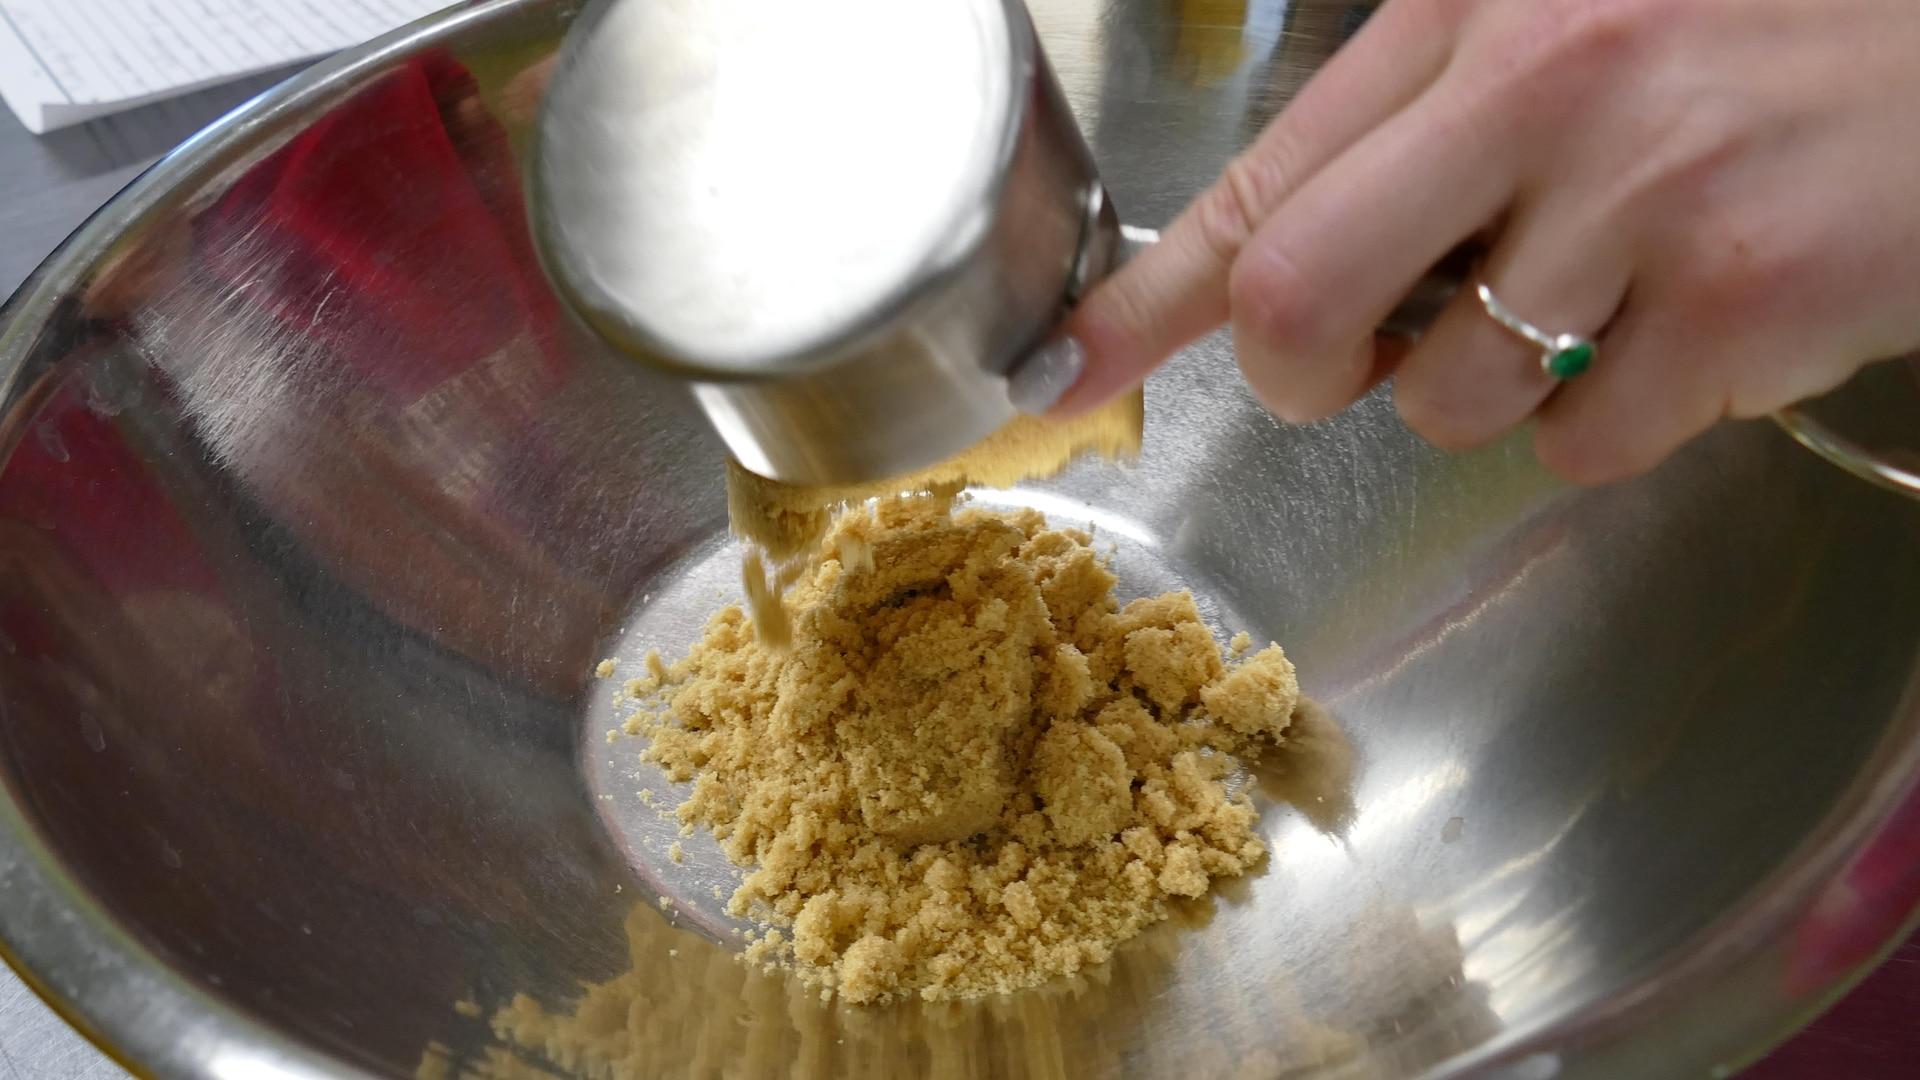 À l'aide d'une tasse à mesurer en métal, une main verse dans un grand plat le sucre brun.